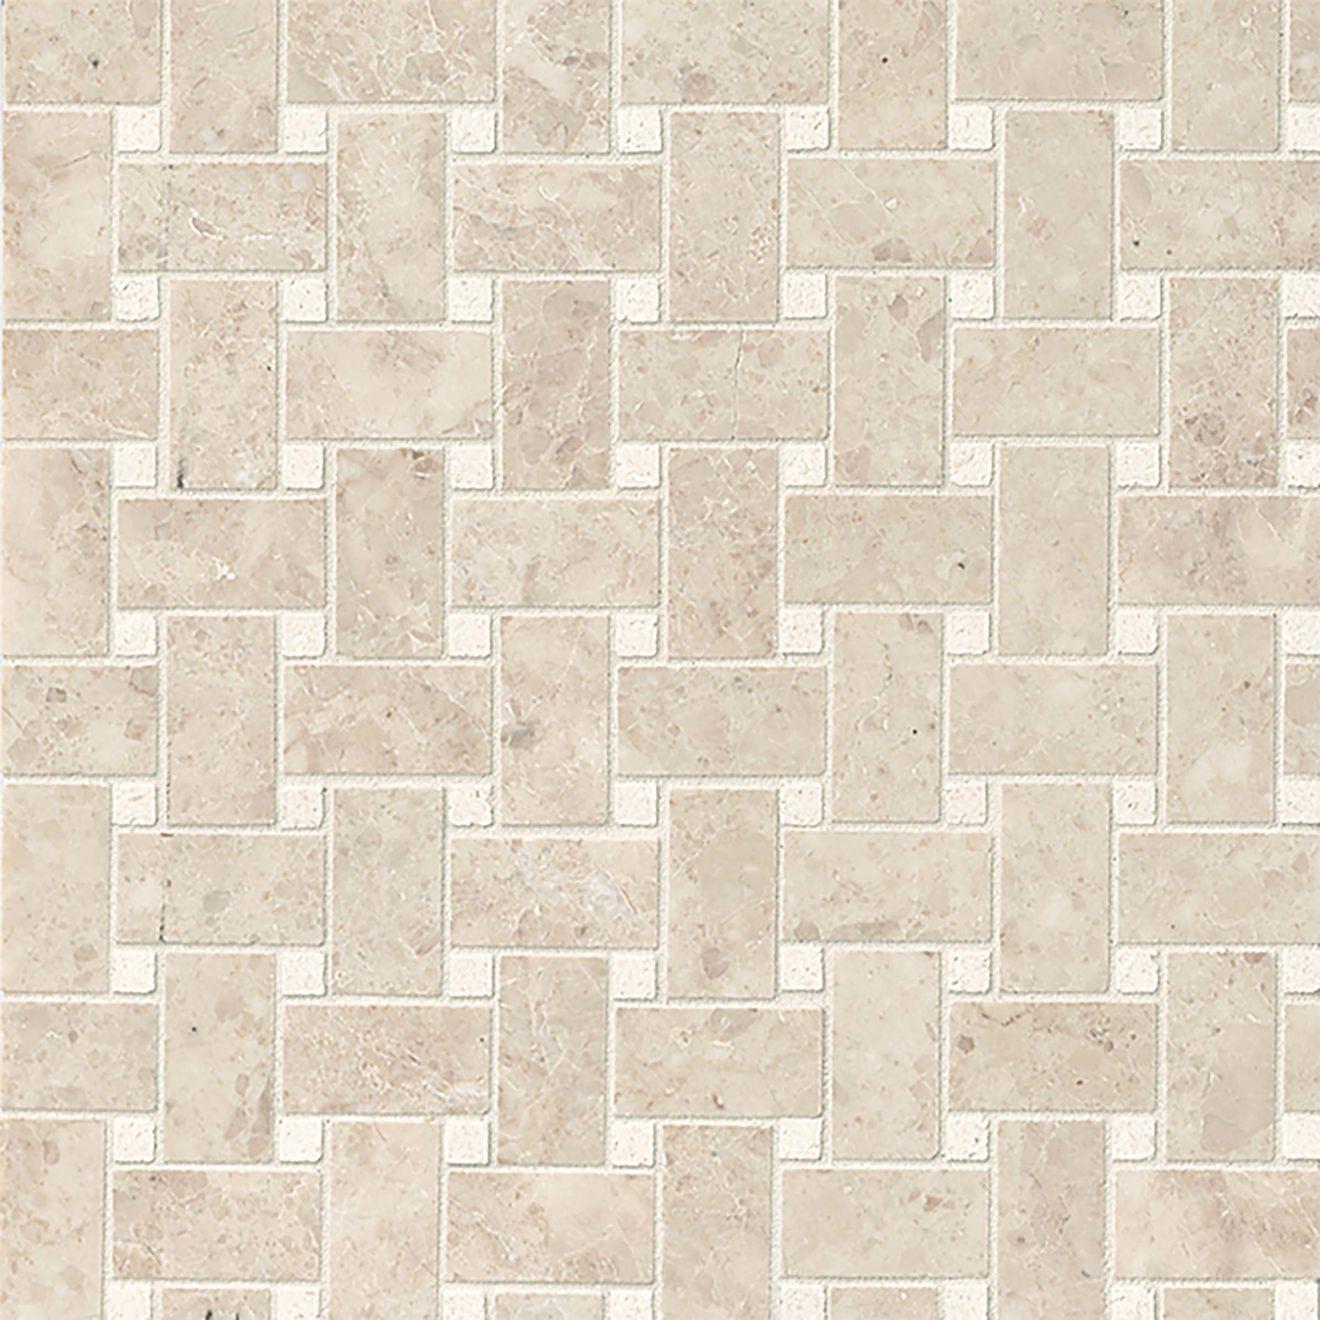 Pasha Floor & Wall Mosaic